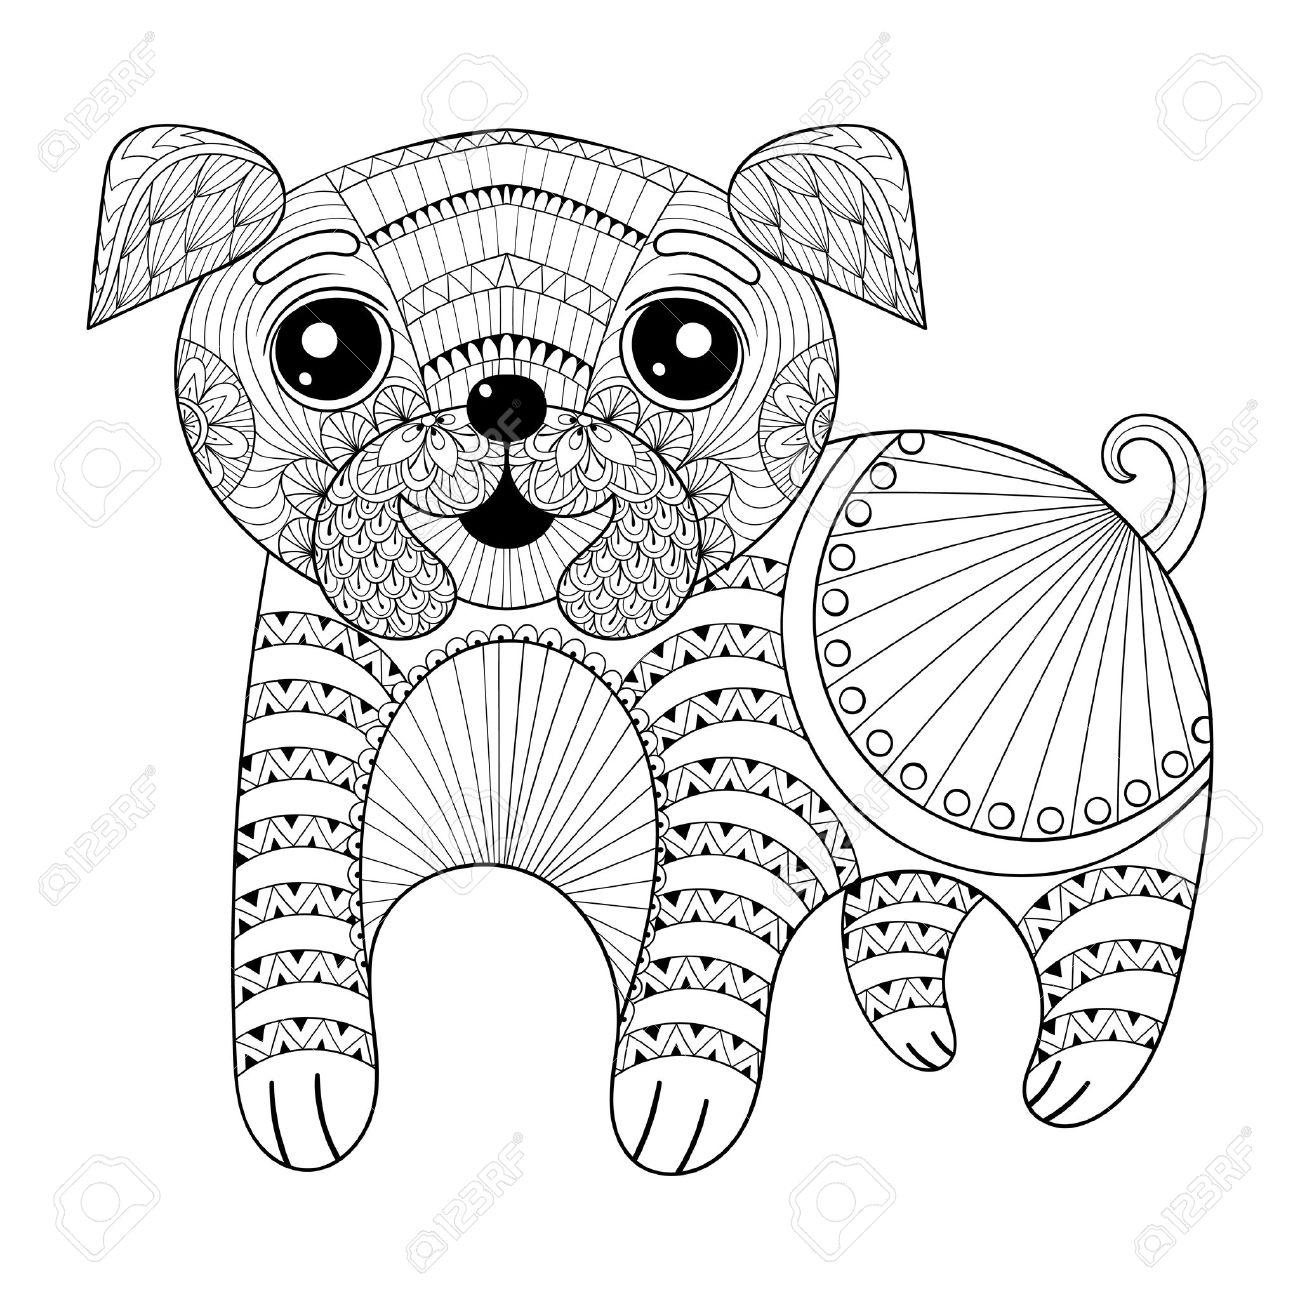 Zentangle Gráfico De La Mano Del Perro Para Colorear Antiestrés ...